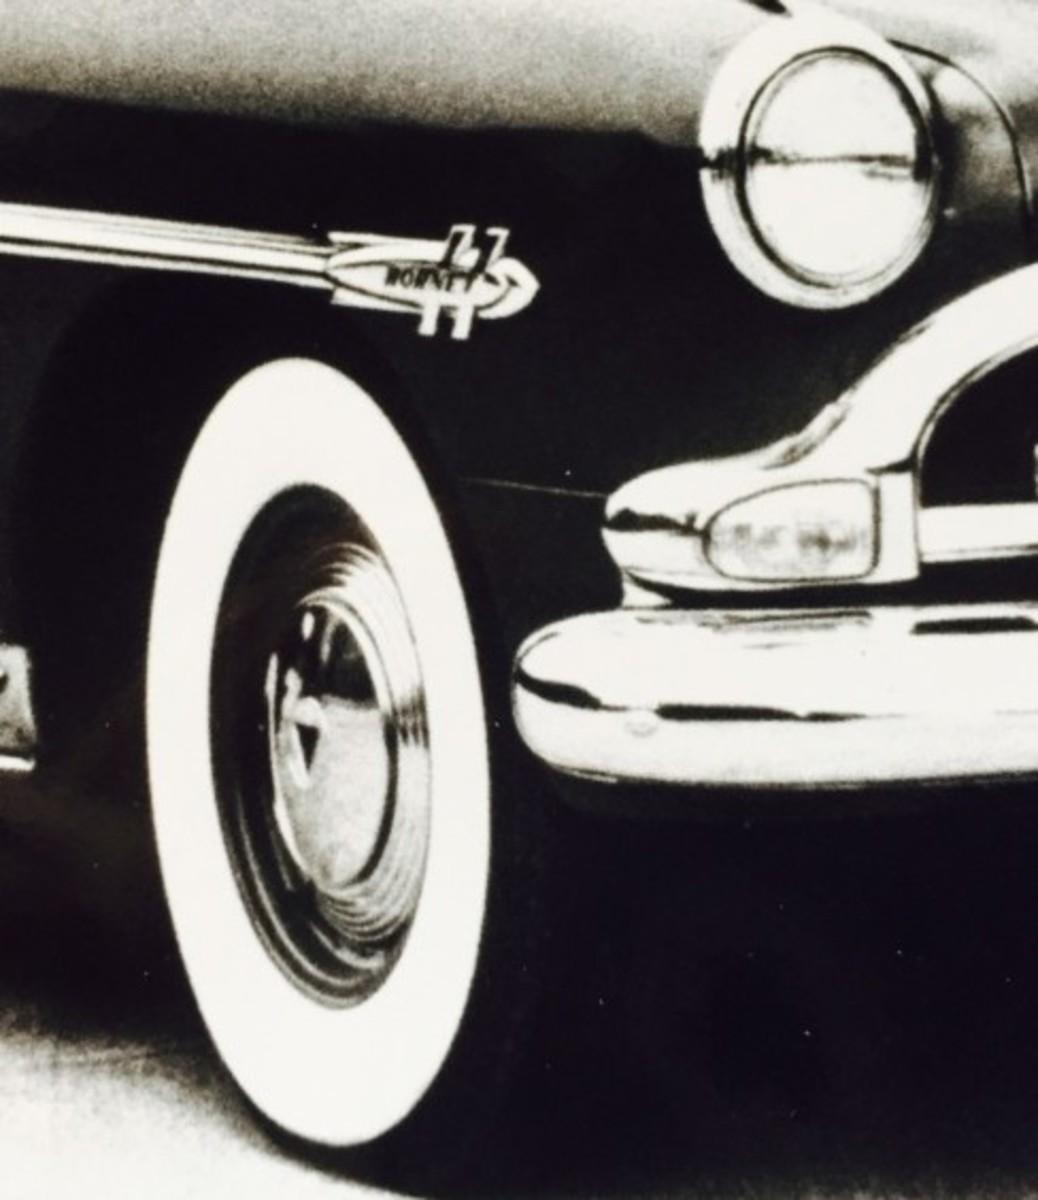 1953 Hudson emblem